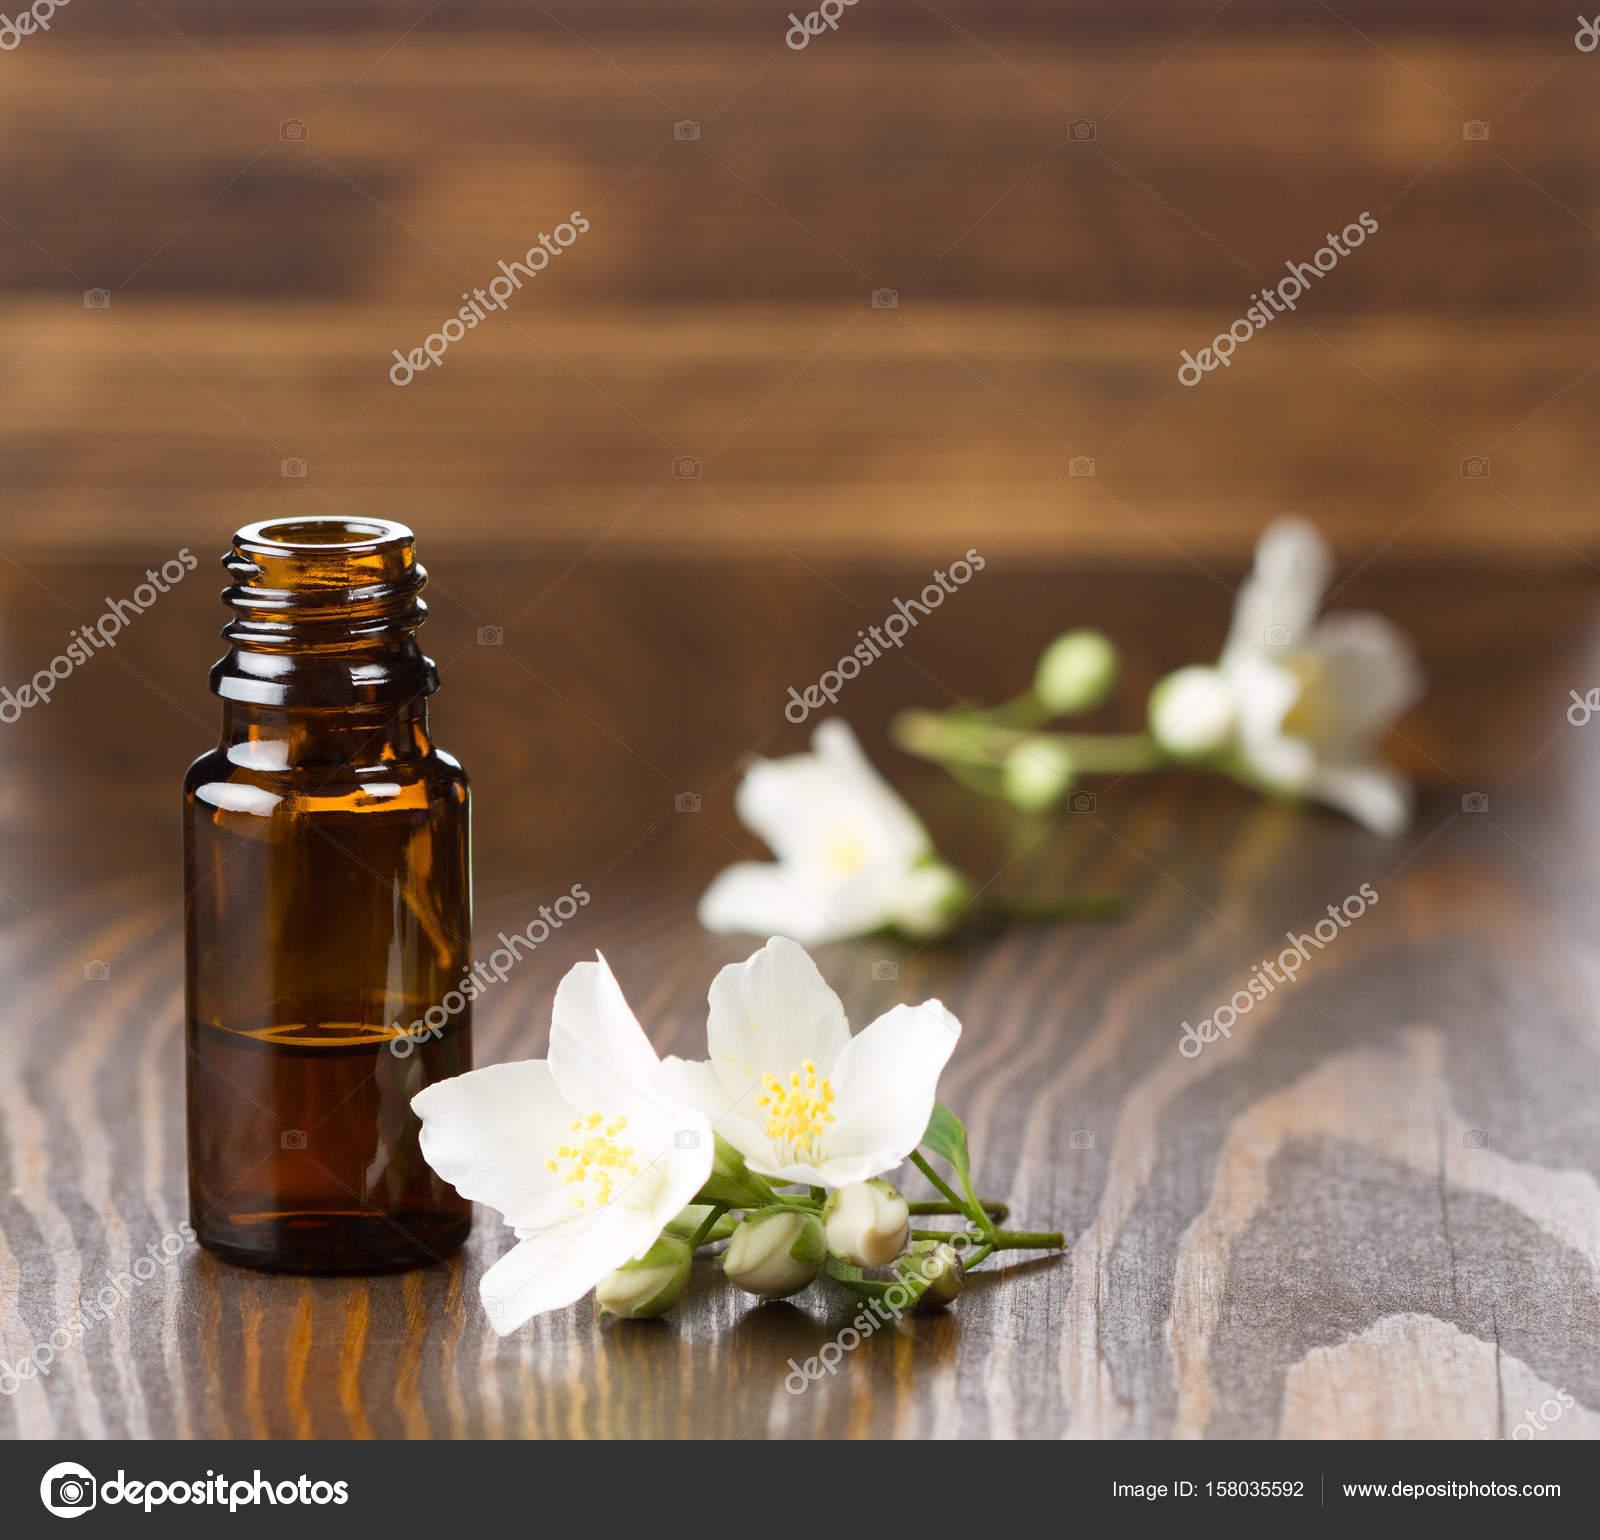 Jasmine Essential Oil And Jasmine Flowers Stock Photo Colors06